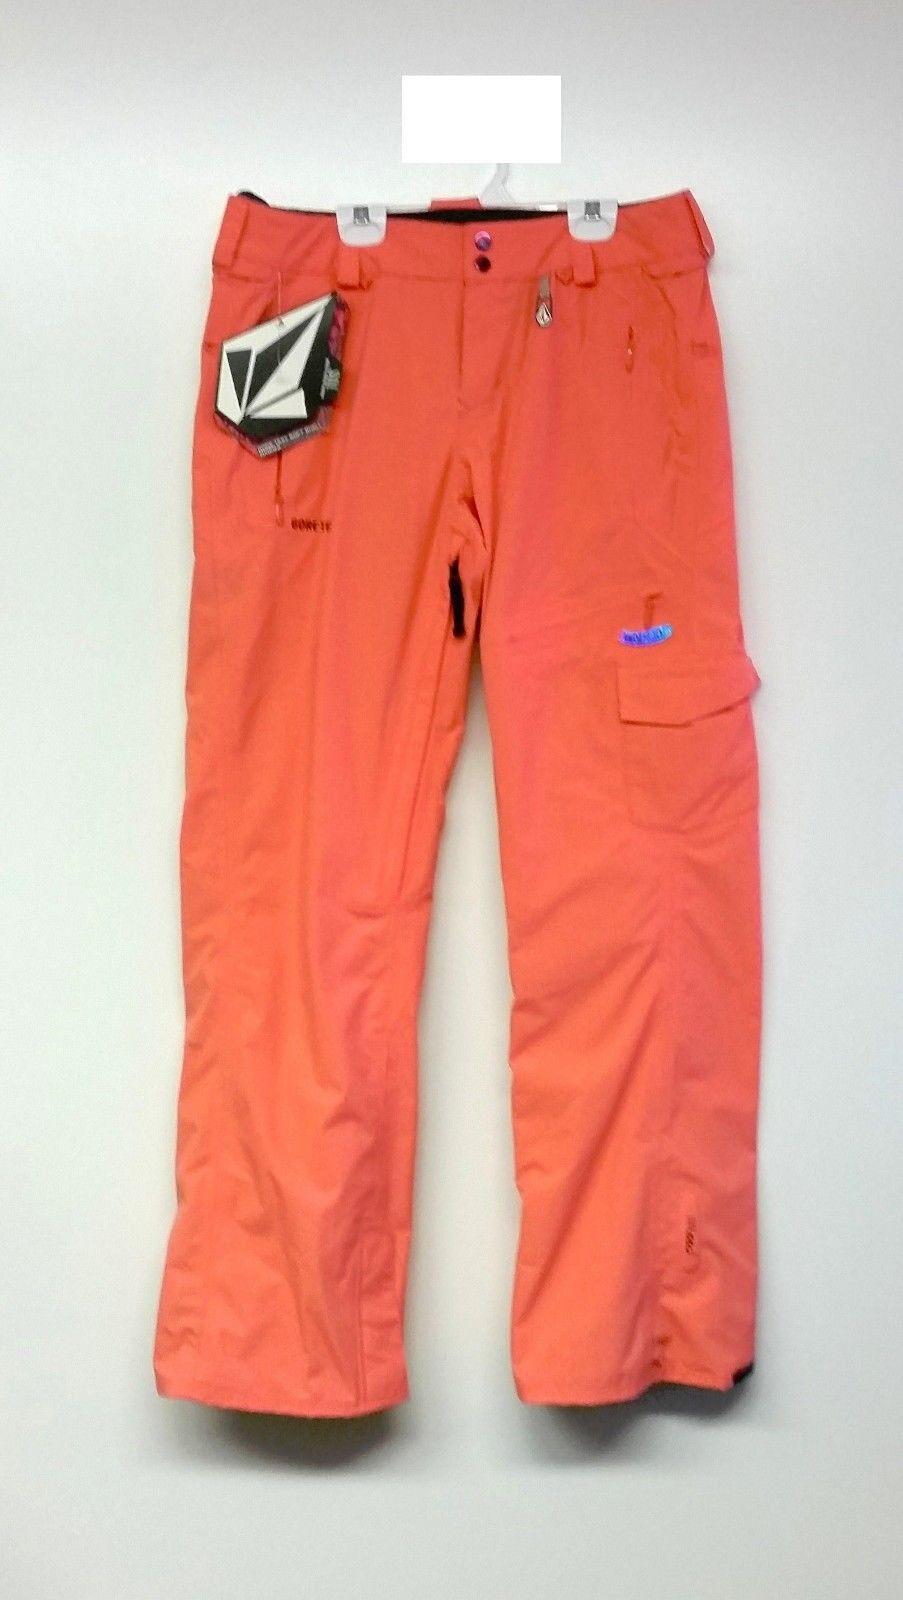 VOLCOM Women's Vista T.D.S. Gore-Tex Snow Pants - color PSN - Medium - NWT